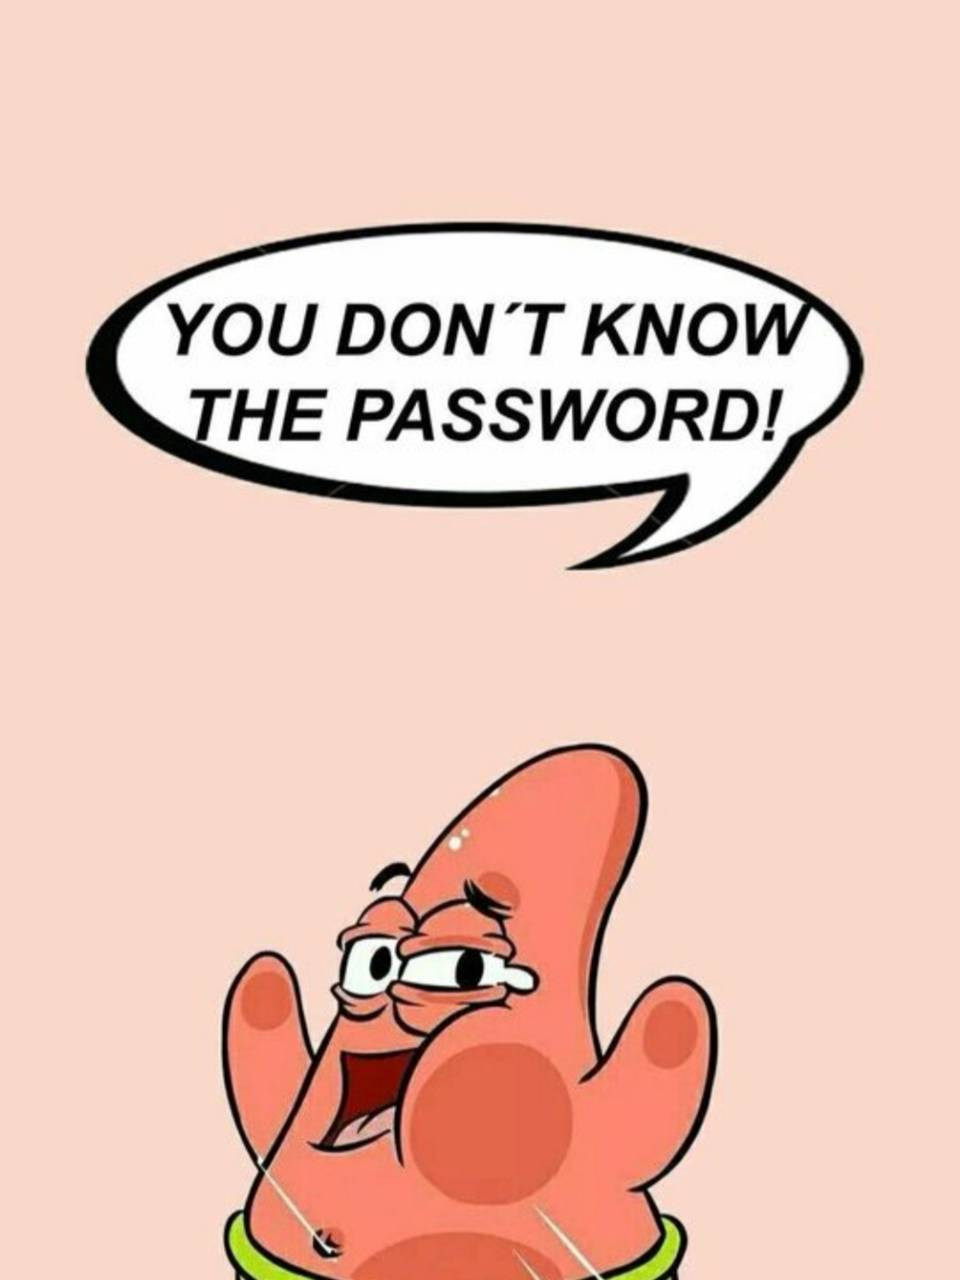 Patrick password